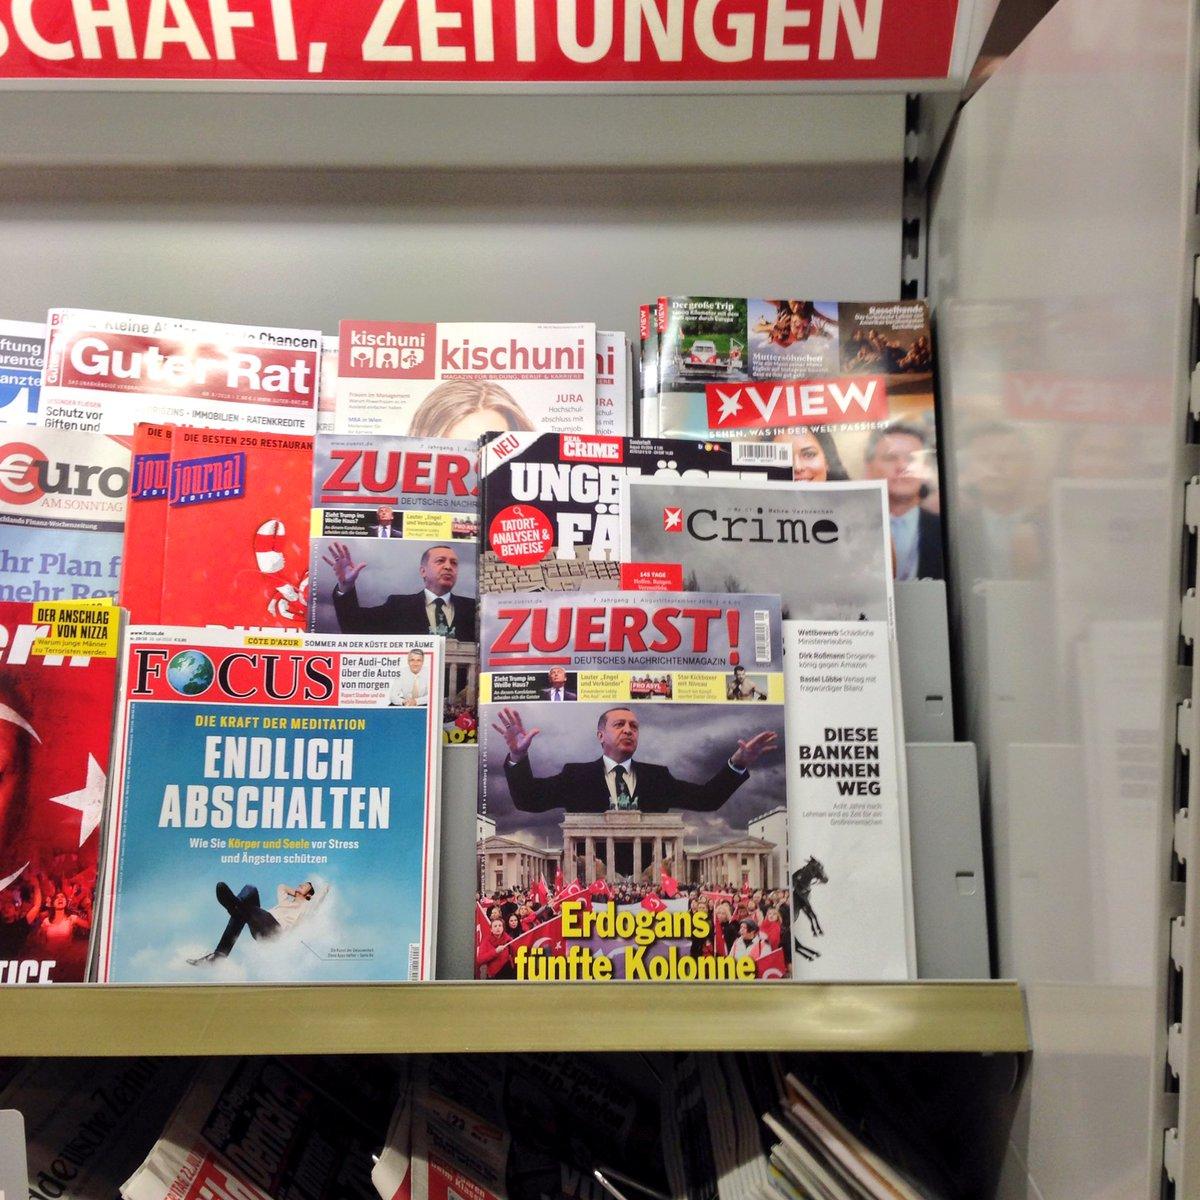 Dann doch sehr befremdlich, dass bei @REWE_Supermarkt in Ffm diese rechtsextreme Zeitschrift im Regal steht. https://t.co/8ucCULHPet